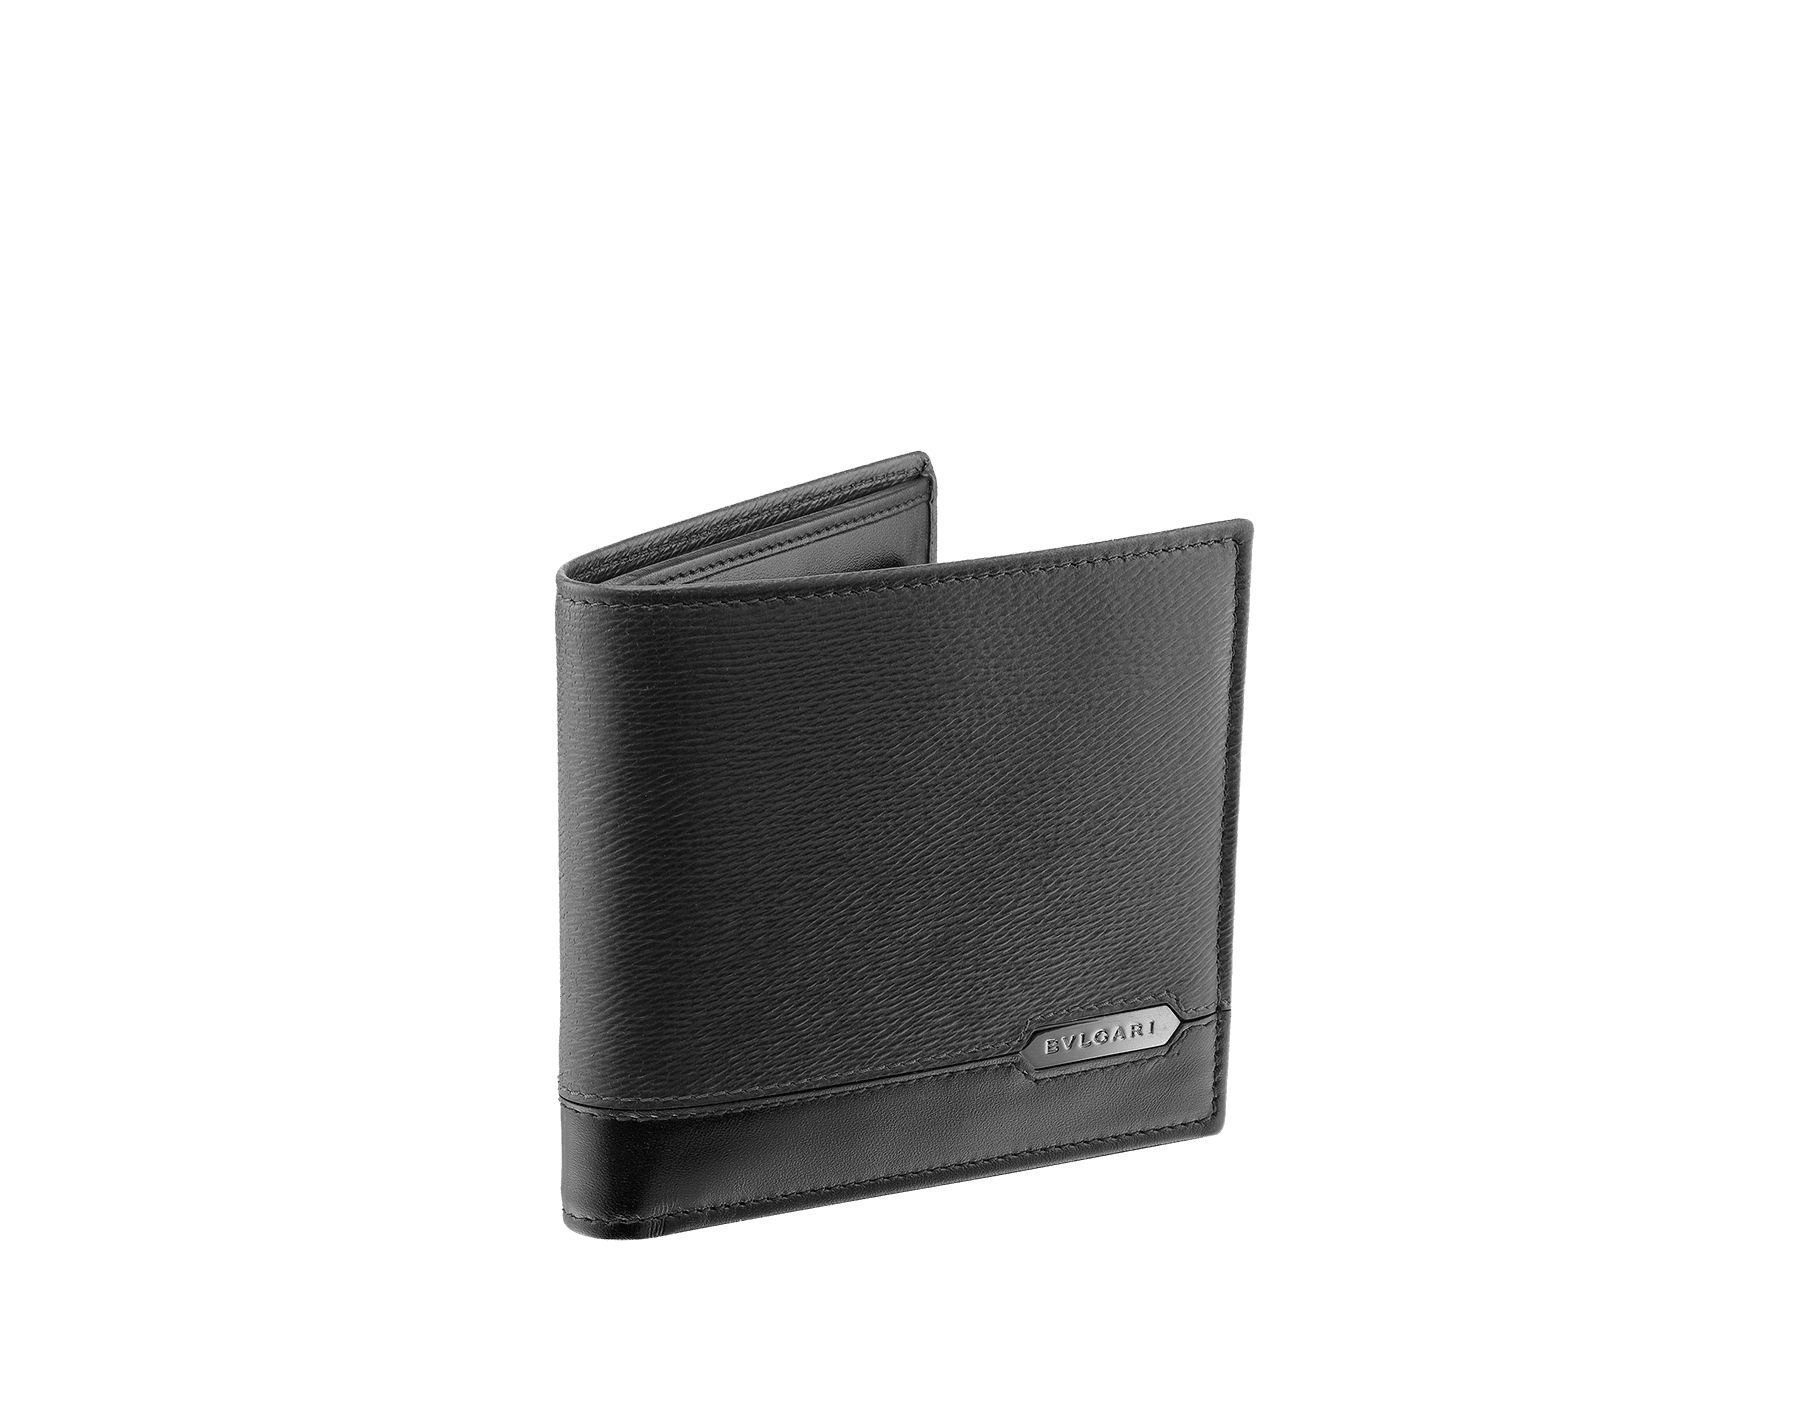 Kompaktes Serpenti Scaglie Herren-Portemonnaie aus jadegrünem aufgerauten Kalbsleder und schwarzem Kalbsleder. Graviertes Bvlgari Logo auf der sechseckigen Scaglie-Metallplakette mit dunklem Ruthenium-Finish. 581-WLT-ITAL image 1